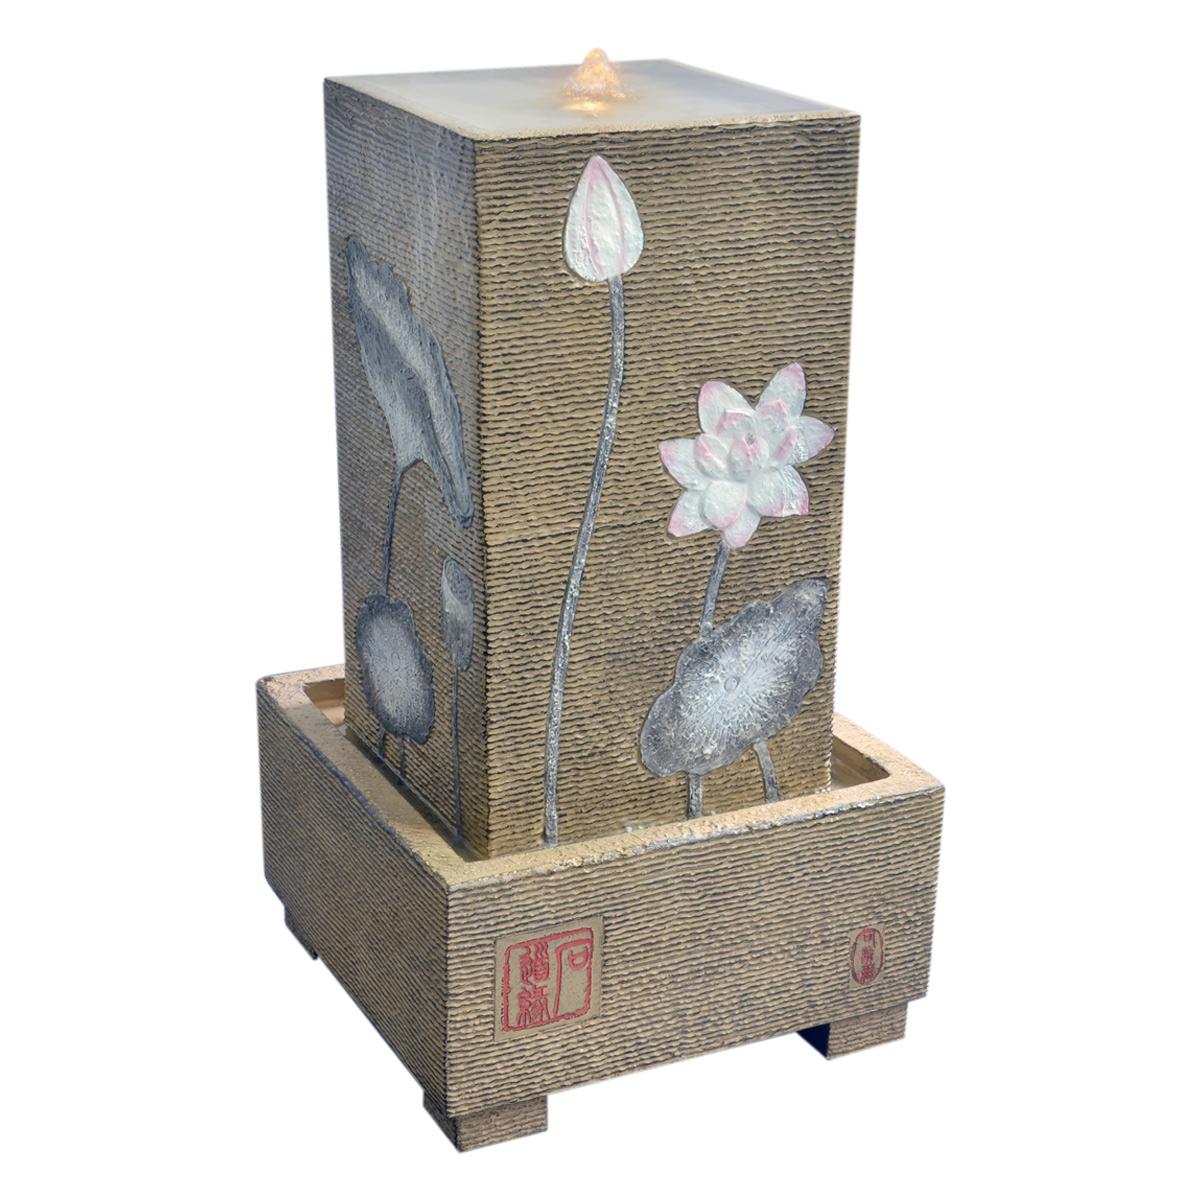 流水喷泉创意大摆件工艺摆设 风水生招财落地水景办公室装饰礼品